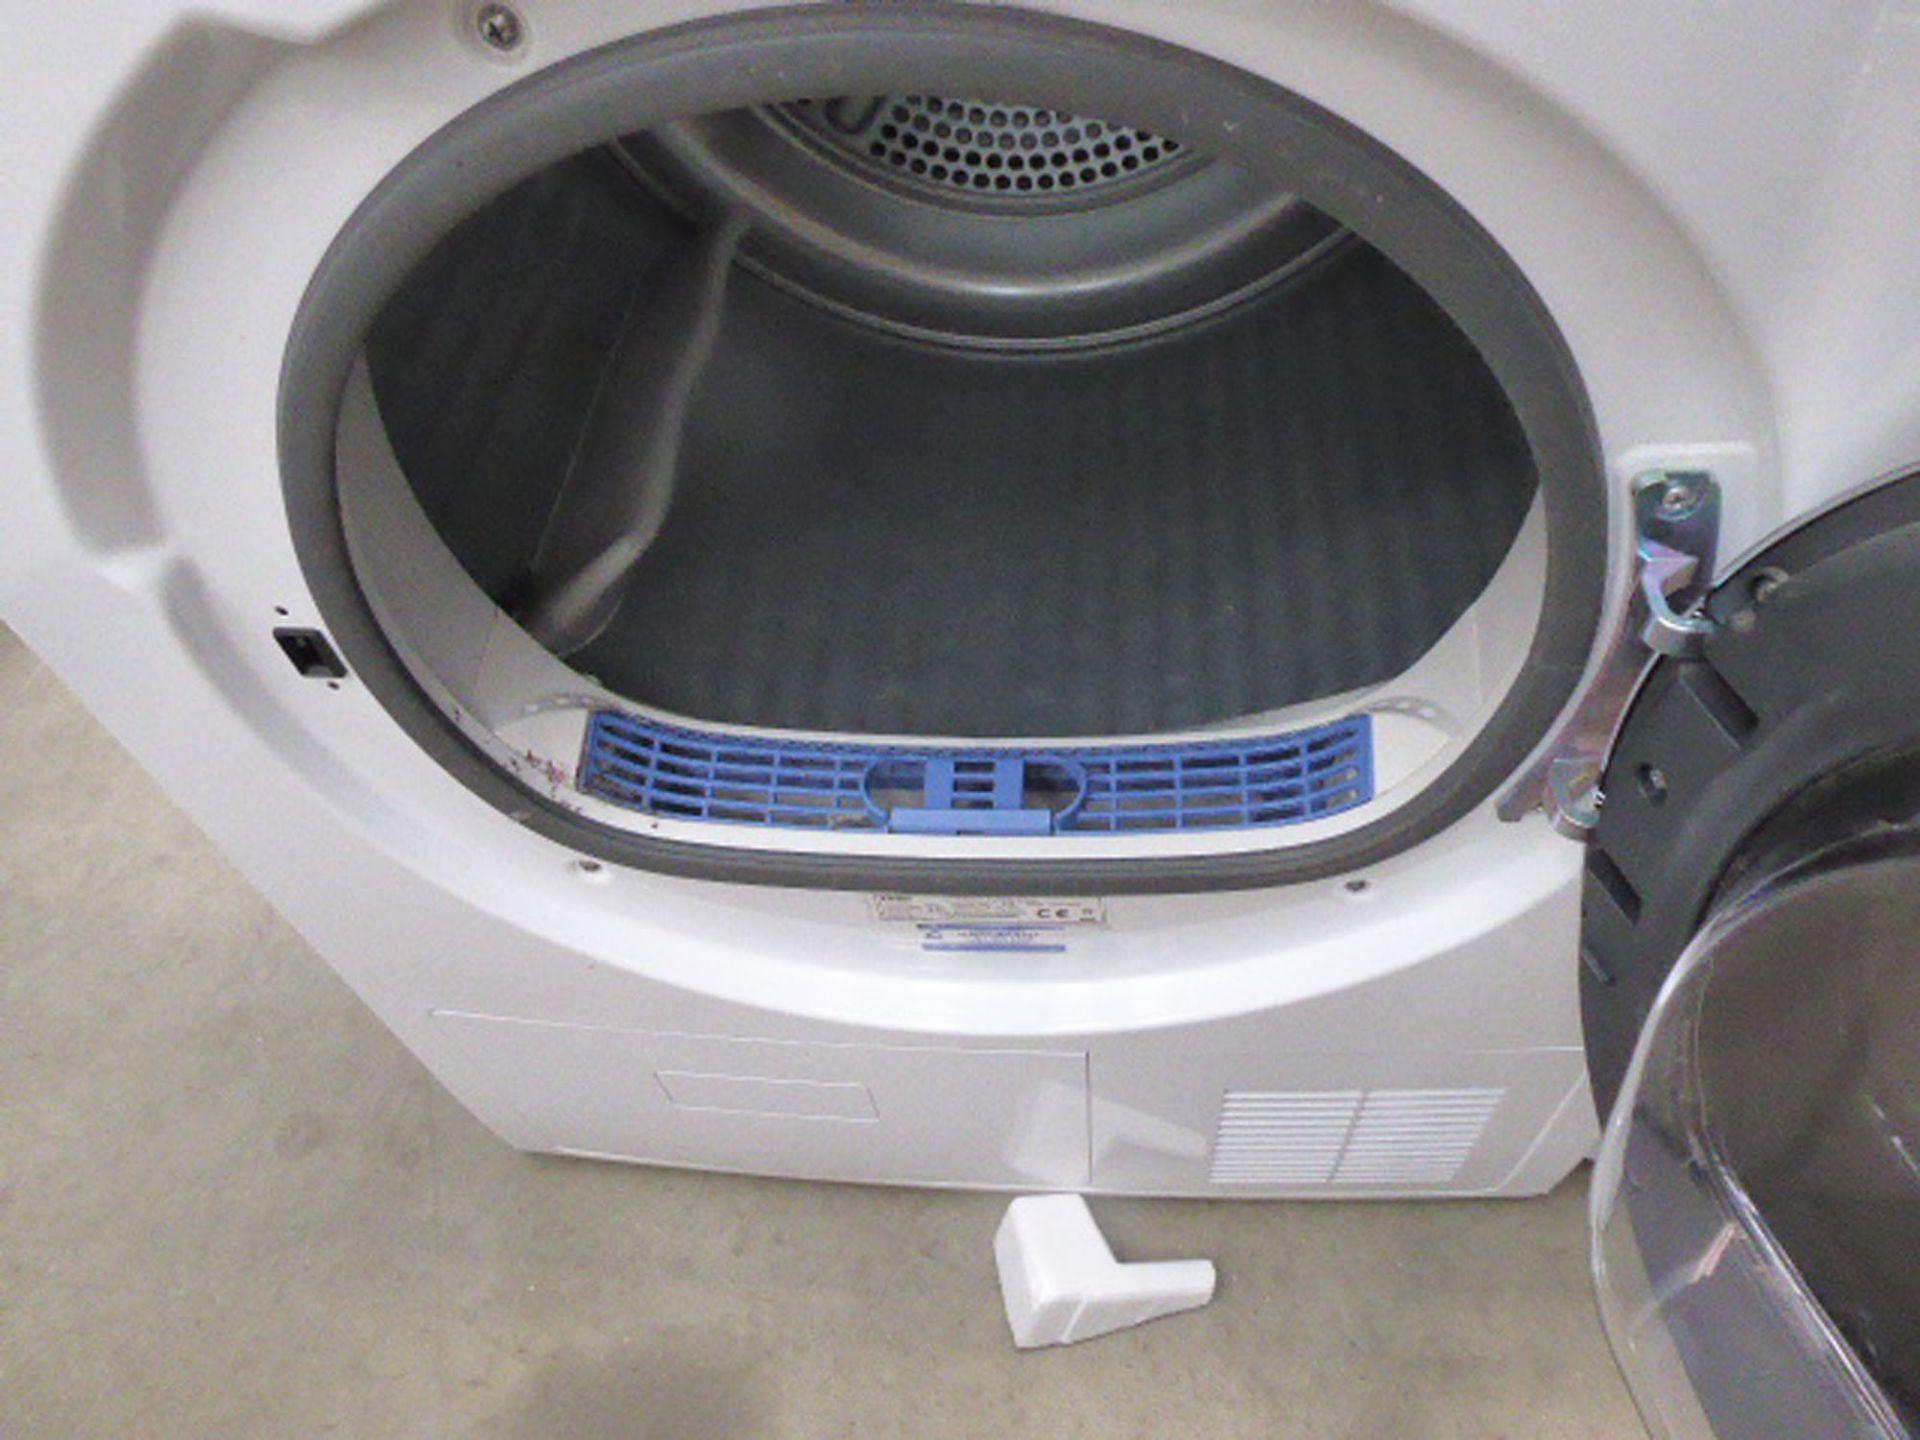 (142) Haier tumbler dryer - Image 2 of 2